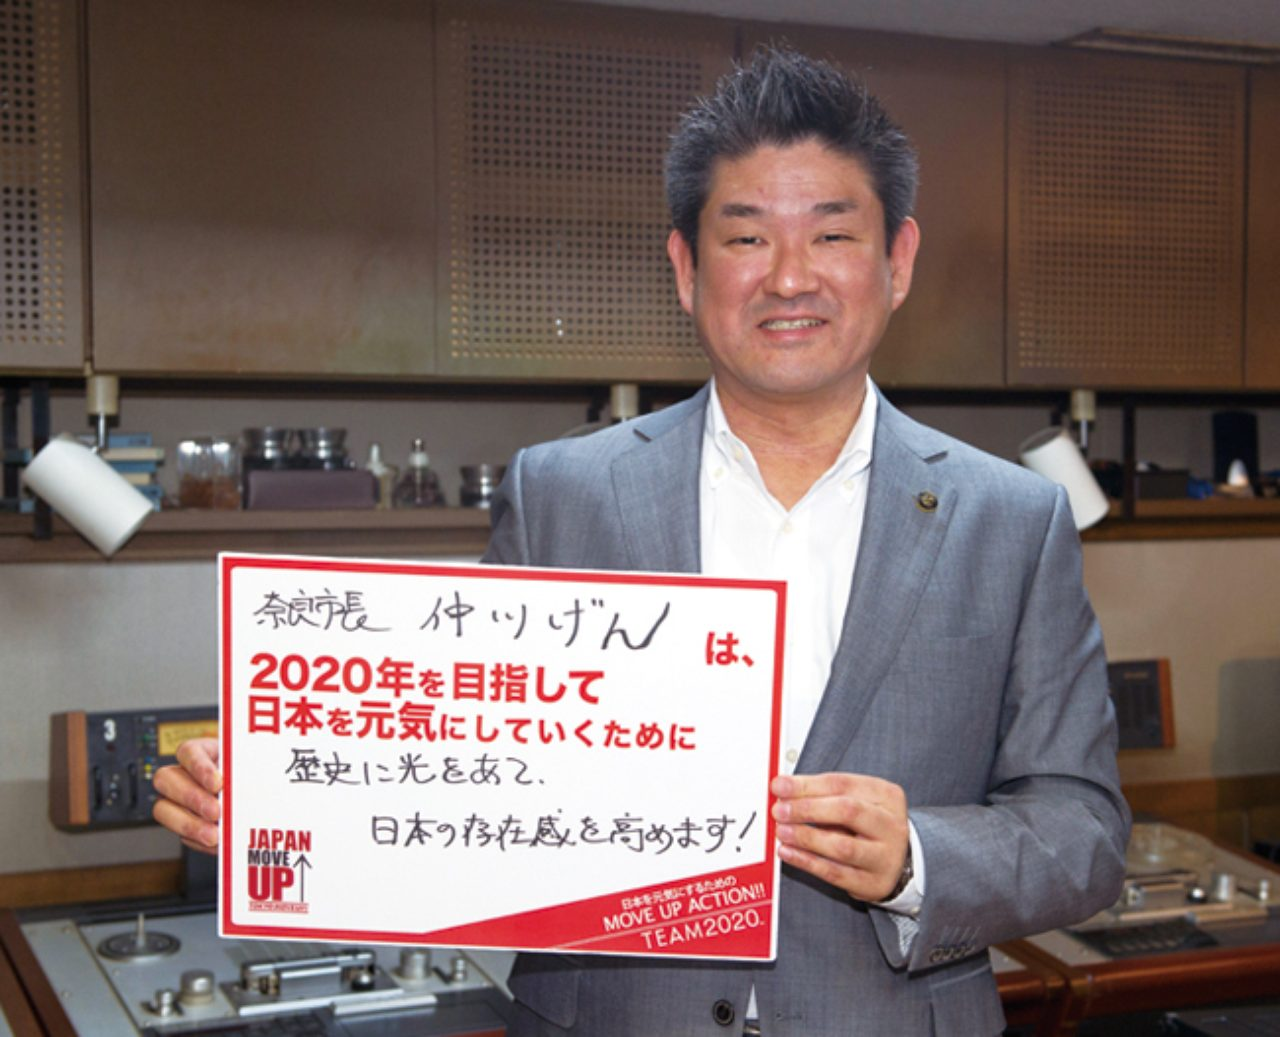 画像: ラジオ番組『JAPAN MOVE UP supp orted by TOKYO HEADLINE』第116回 6.20 OAより